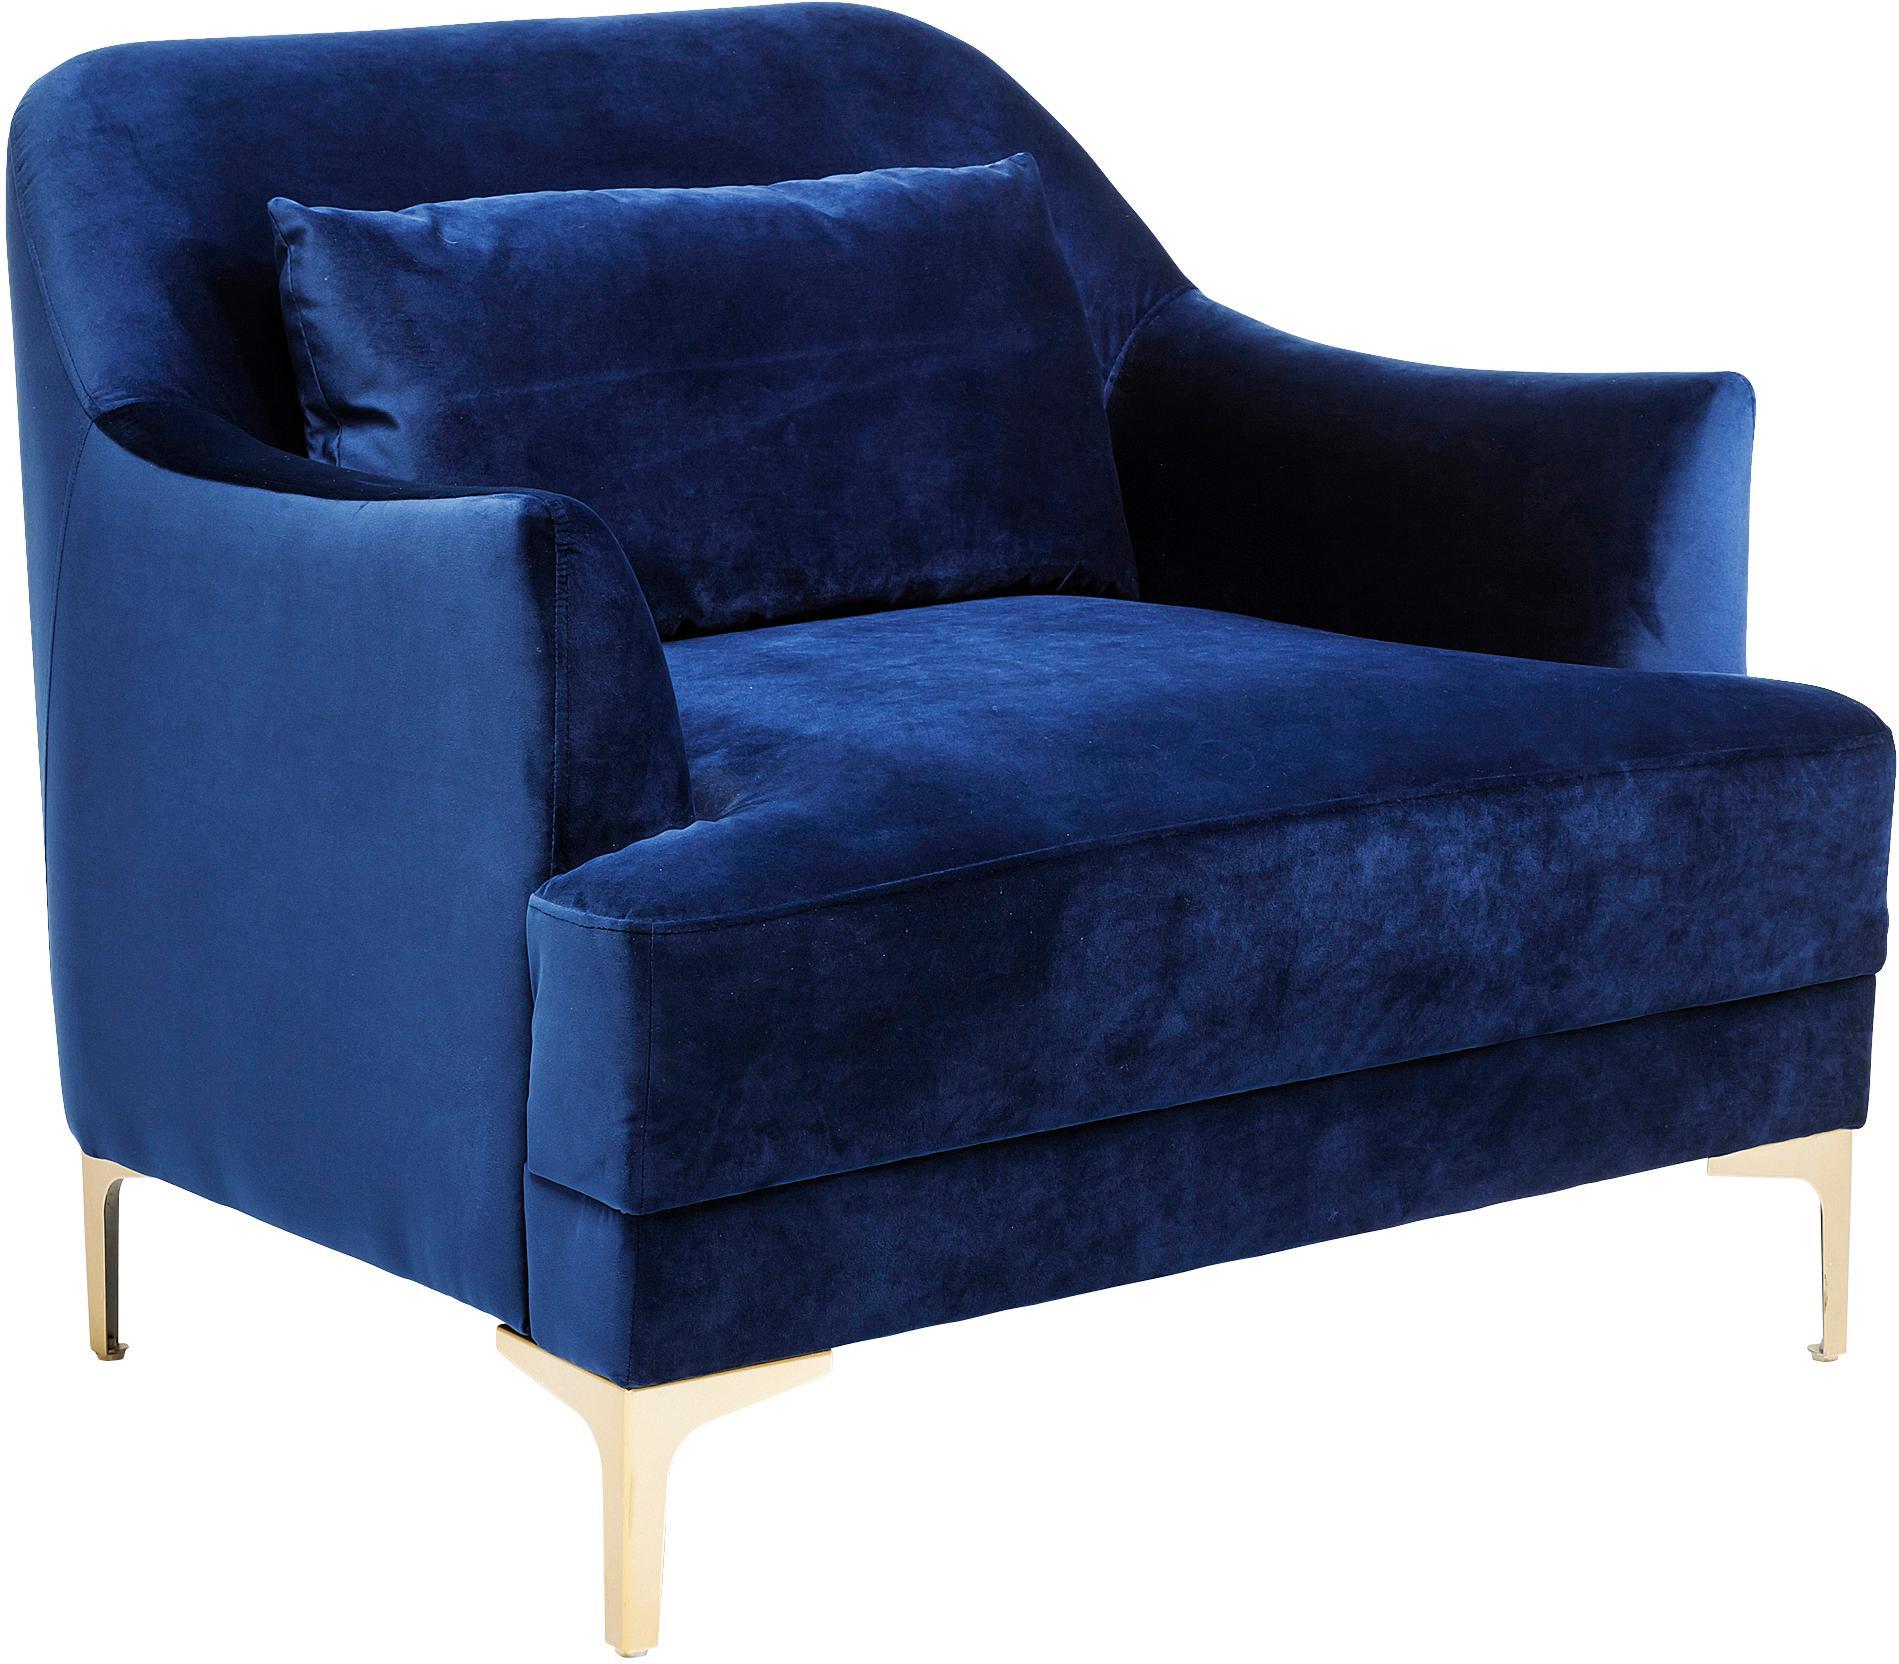 Fluwelen fauteuil Proud, Bekleding: polyester (fluweel), Poten: gelakt metaal, Bekleding: blauw. Poten: goudkleurig, B 98 x D 86 cm